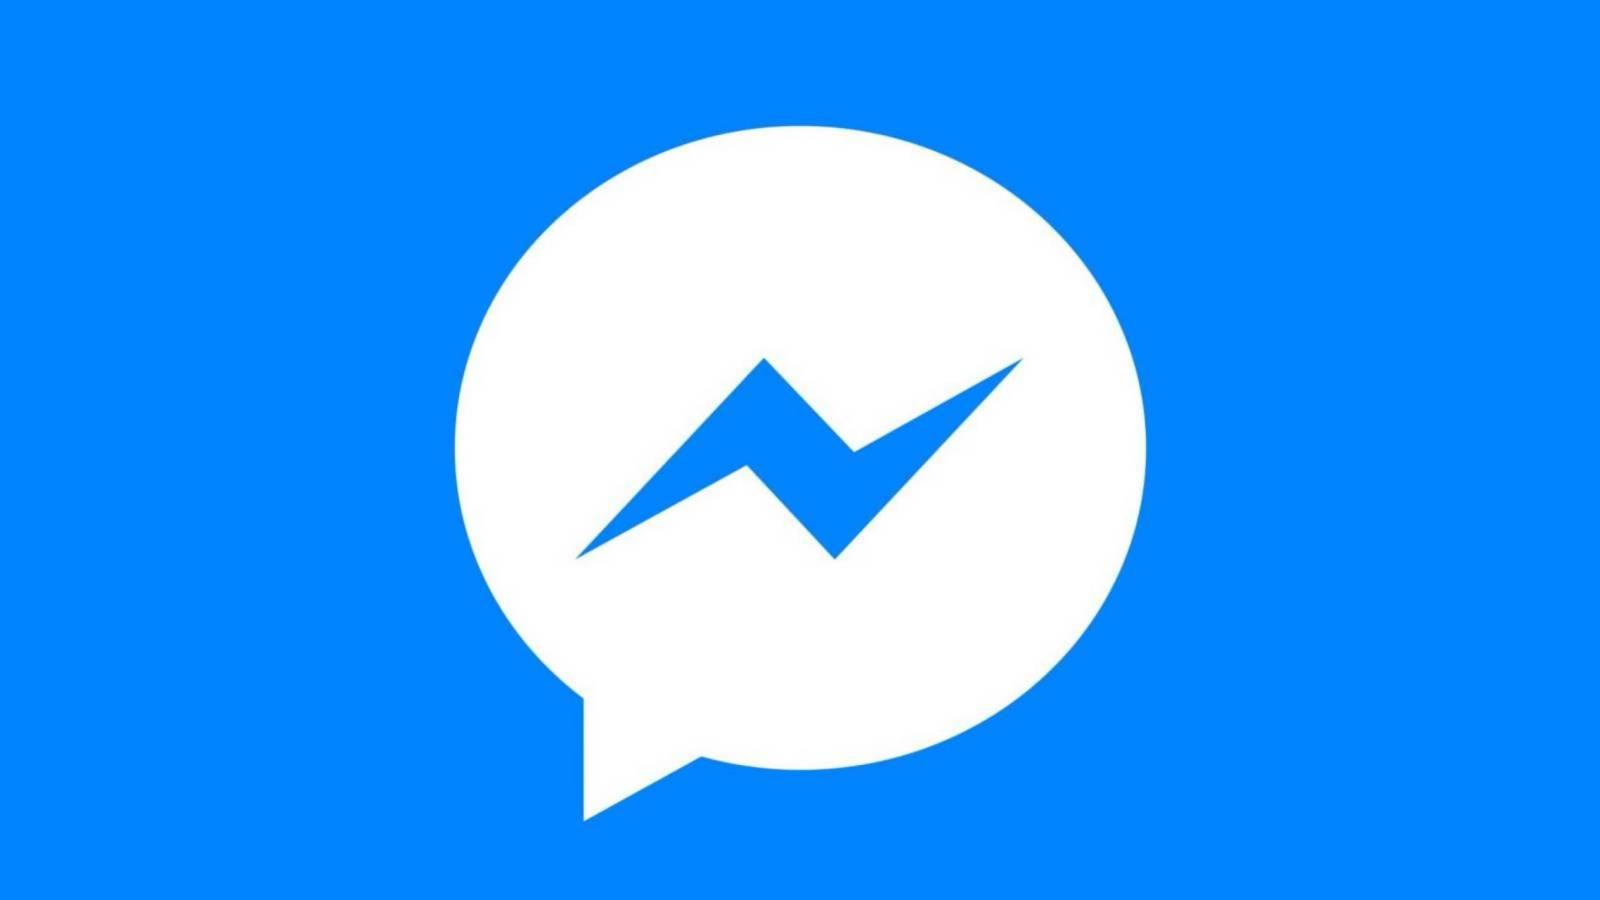 Facebook Messenger Actualizarea Noua, iata cu ce Noutati Vine